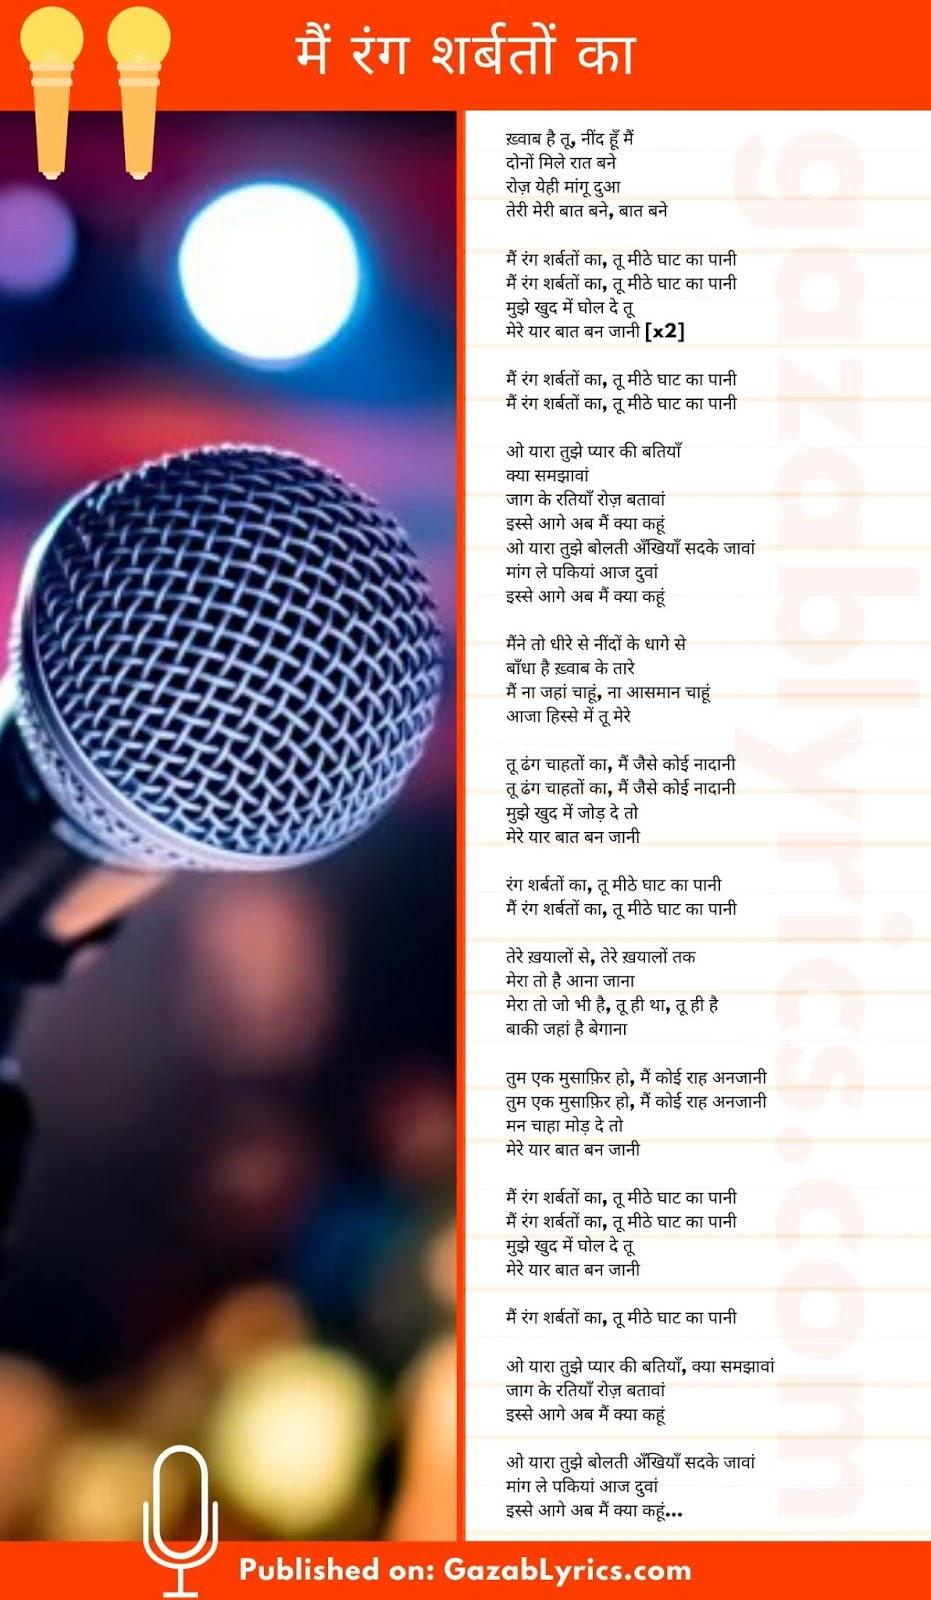 Main Rang Sharbaton Ka song lyrics image